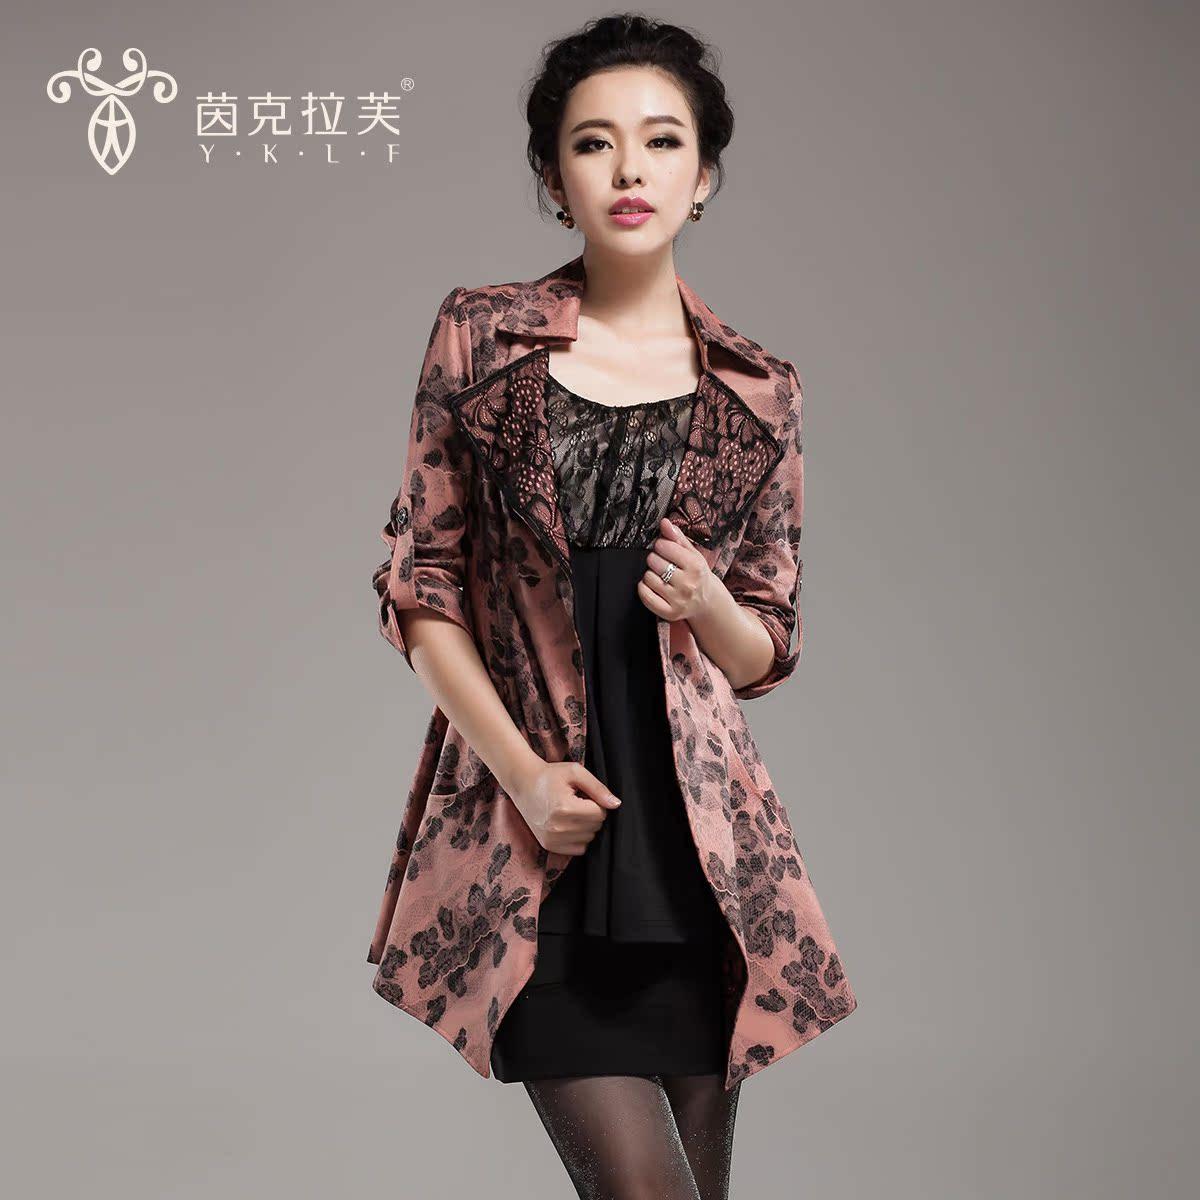 女风衣女款2013新款秋装女装修身显瘦七分袖大码女式风衣外套4432 价格:299.60